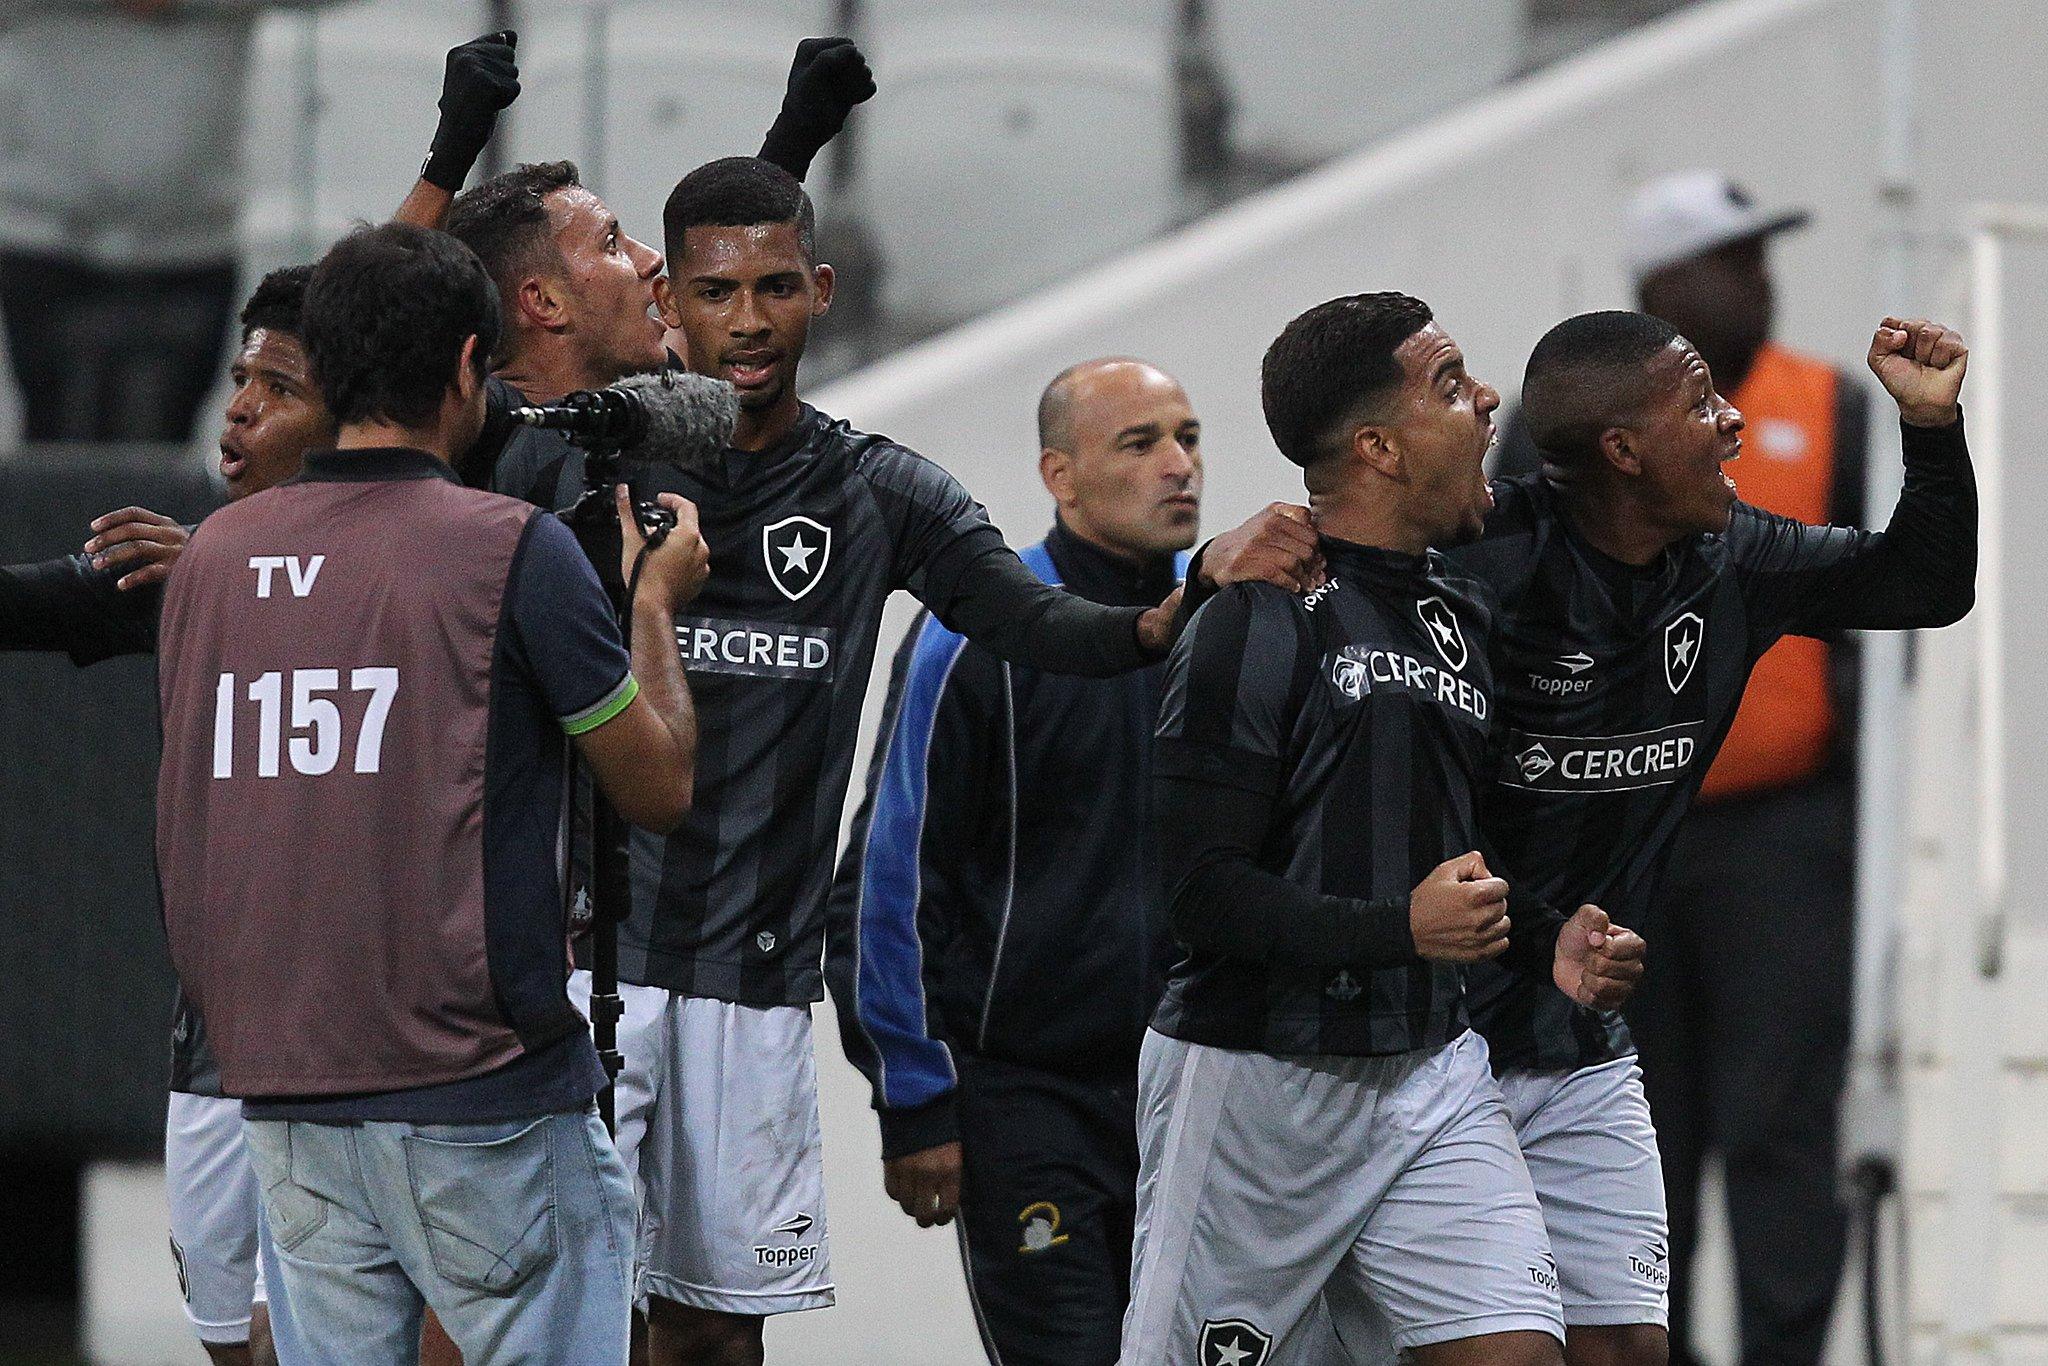 Matheus Fernandes, Yuri e Gustavo Bochecha na final do Brasileiro Sub-20 de 2016 contra o Corinthians em Itaquera